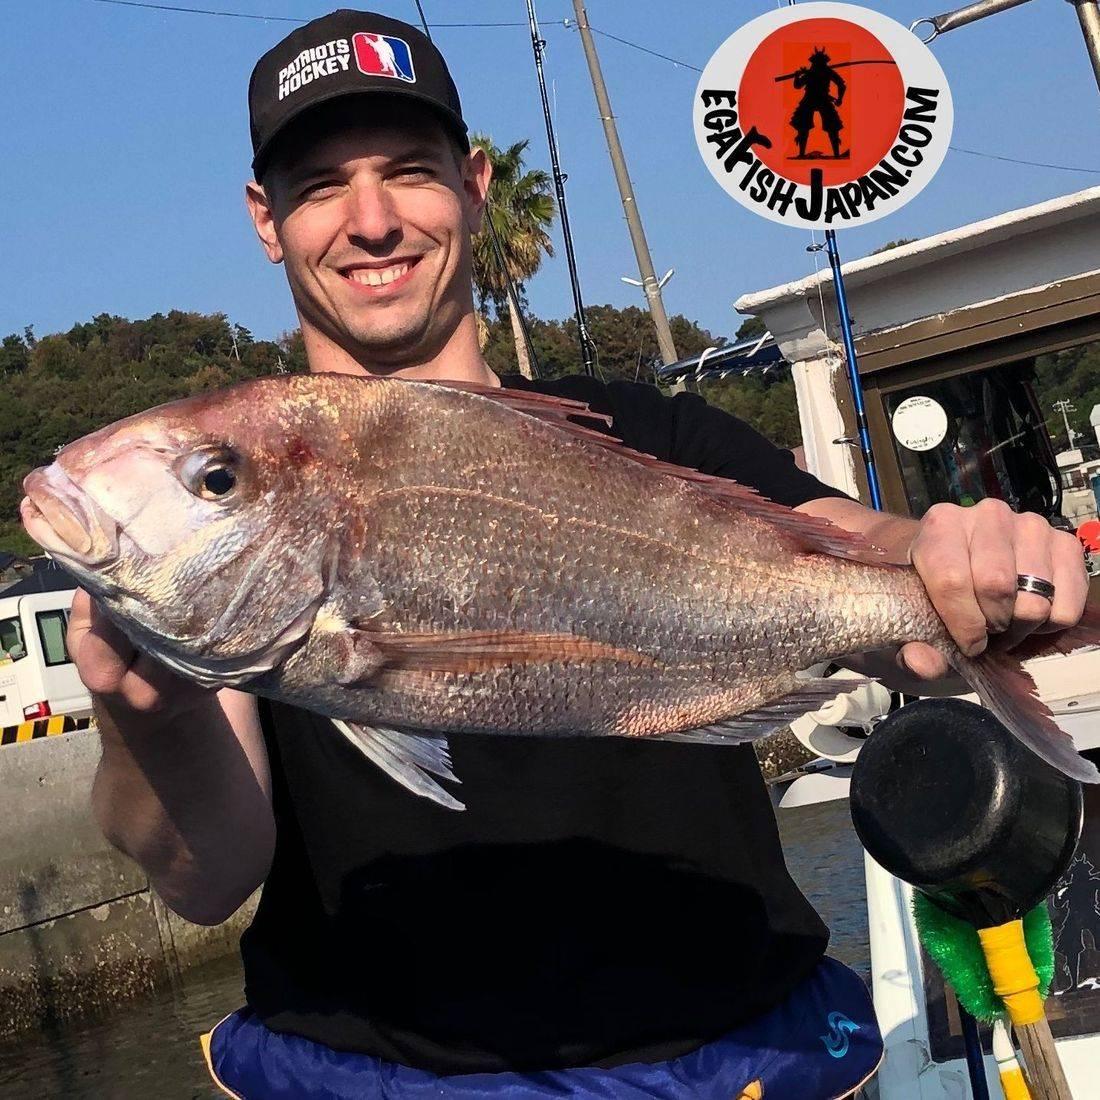 EGA. FISH JAPAN